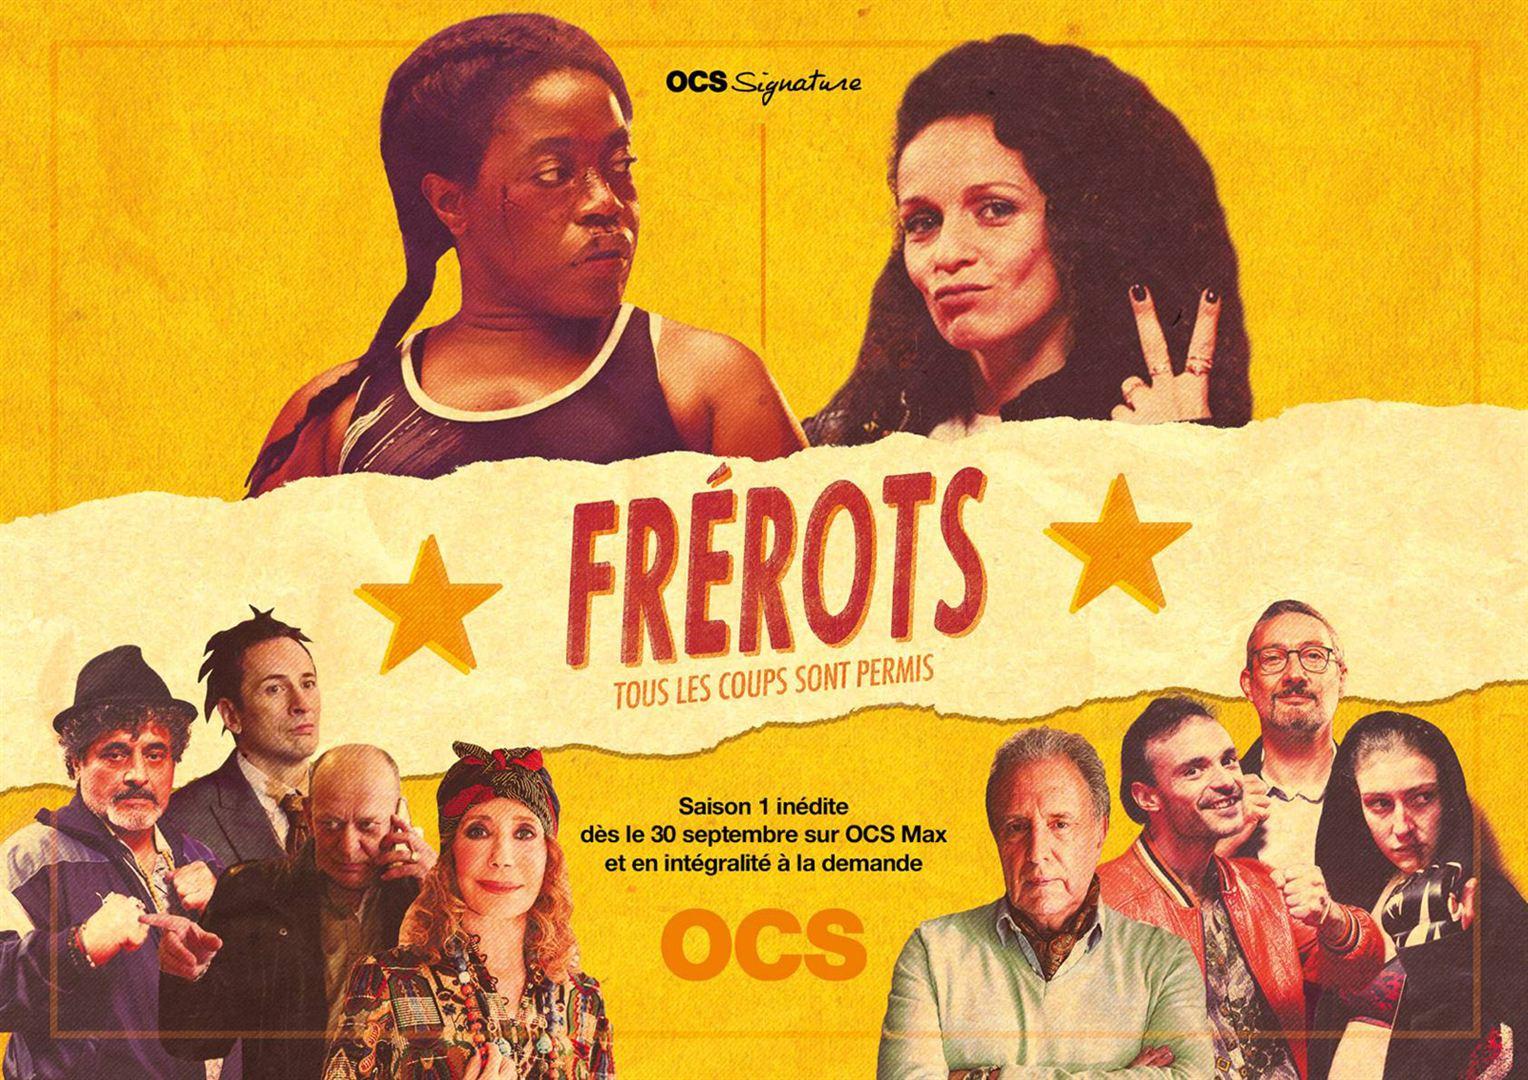 Frérots : la saison 1 bientôt sur OCS Max !